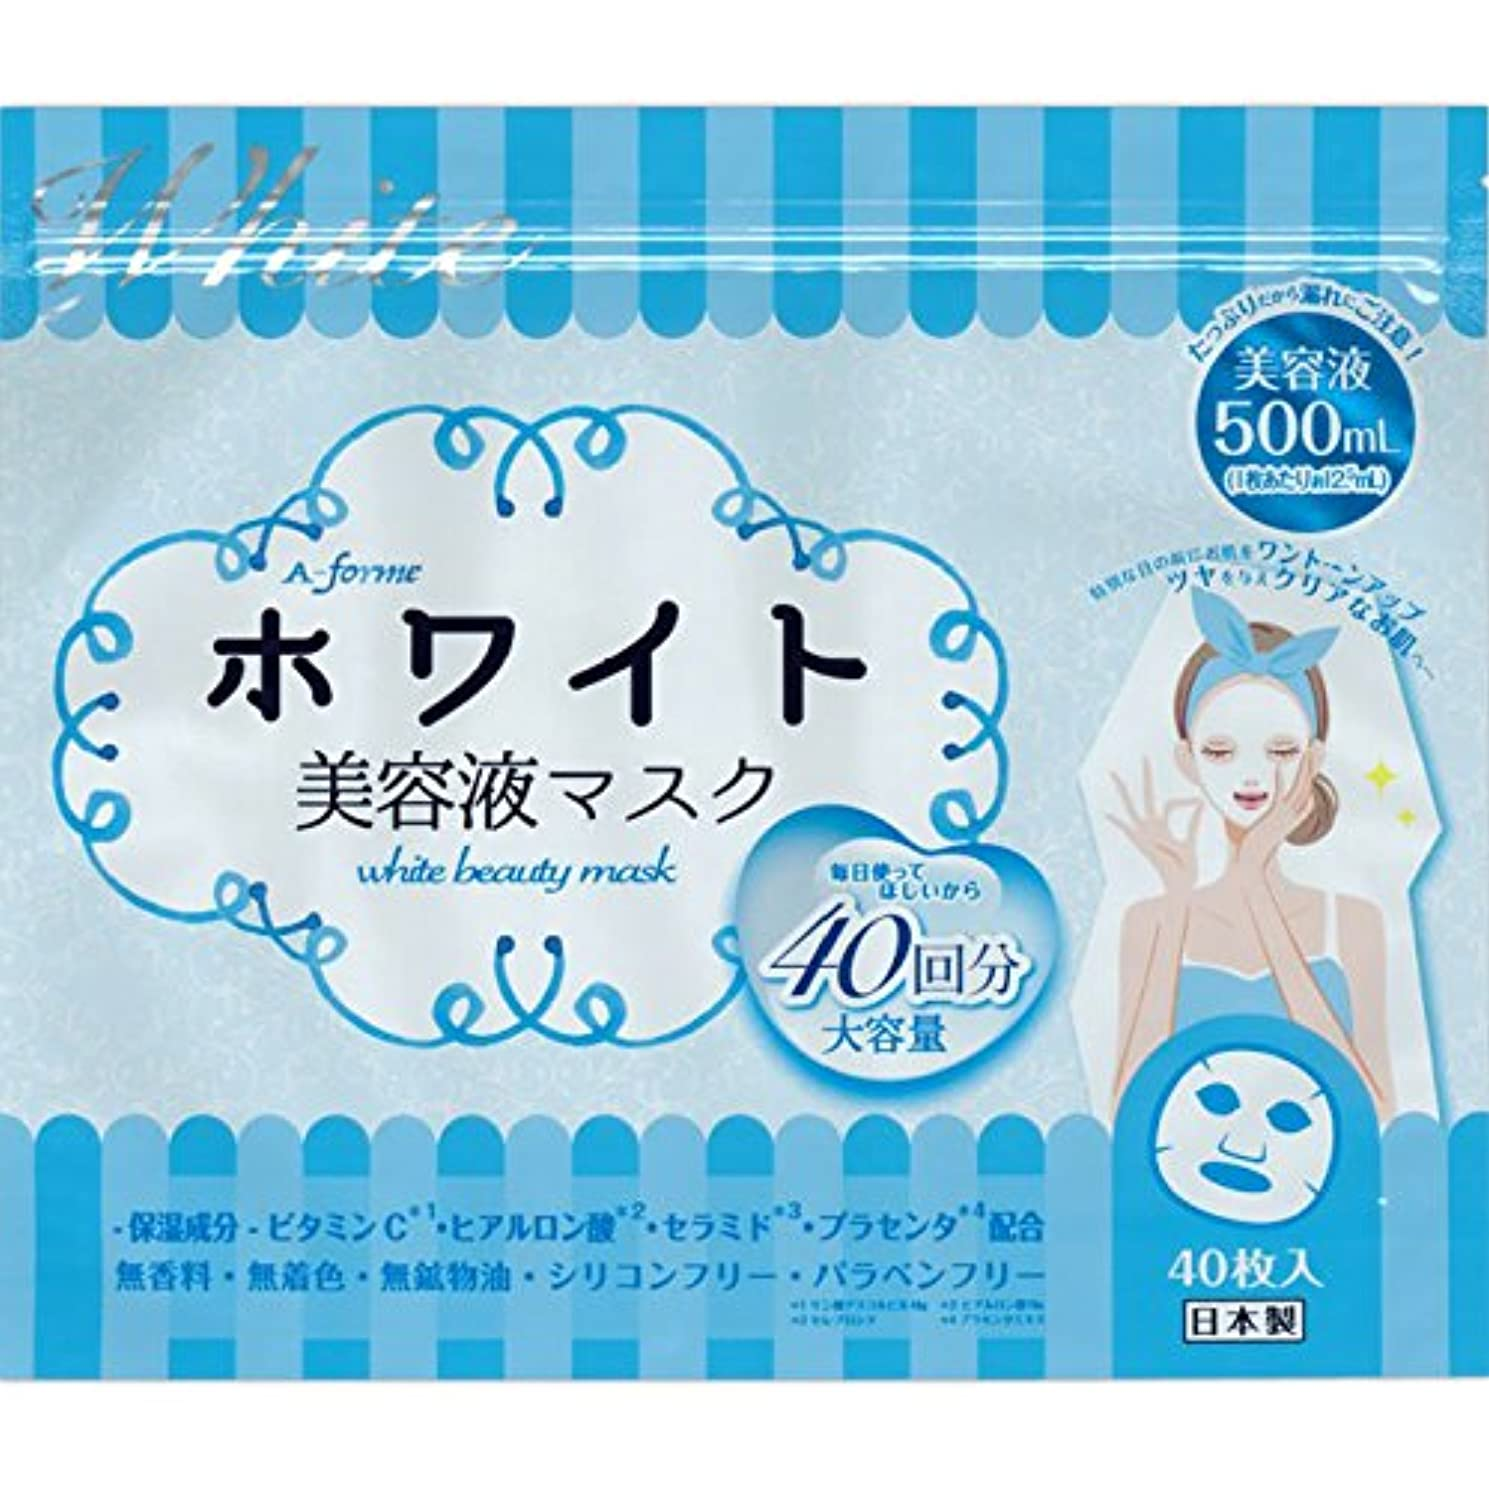 エーフォルム ホワイト美容液マスク40枚×6